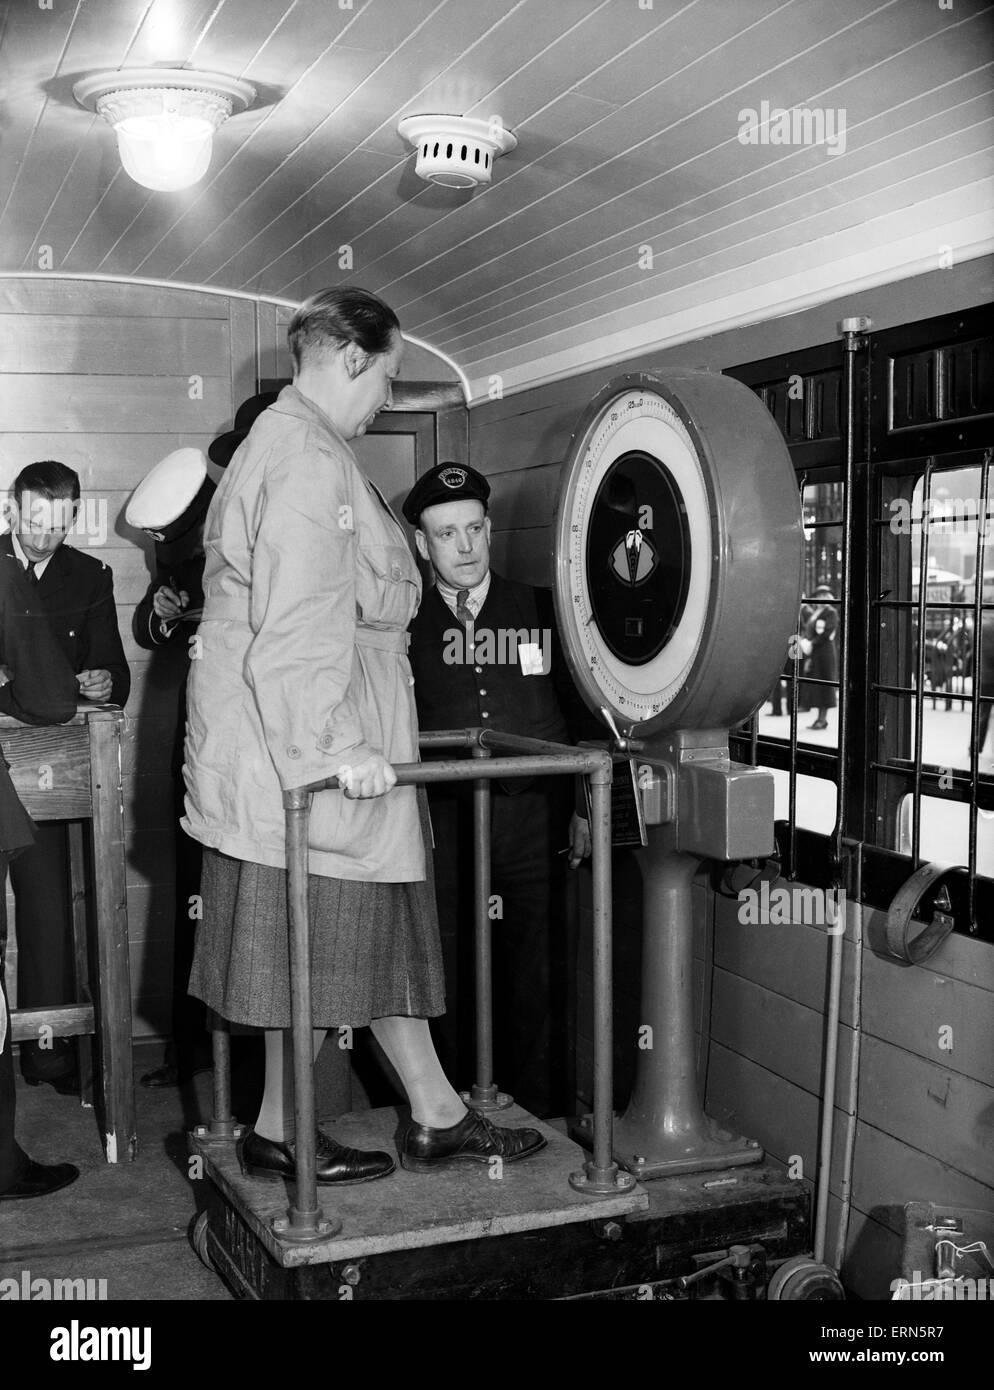 Série d'images pour Daily Herald Feature vol vers l'Australie. 26 Juin 1938d'une série d'images Photo Stock